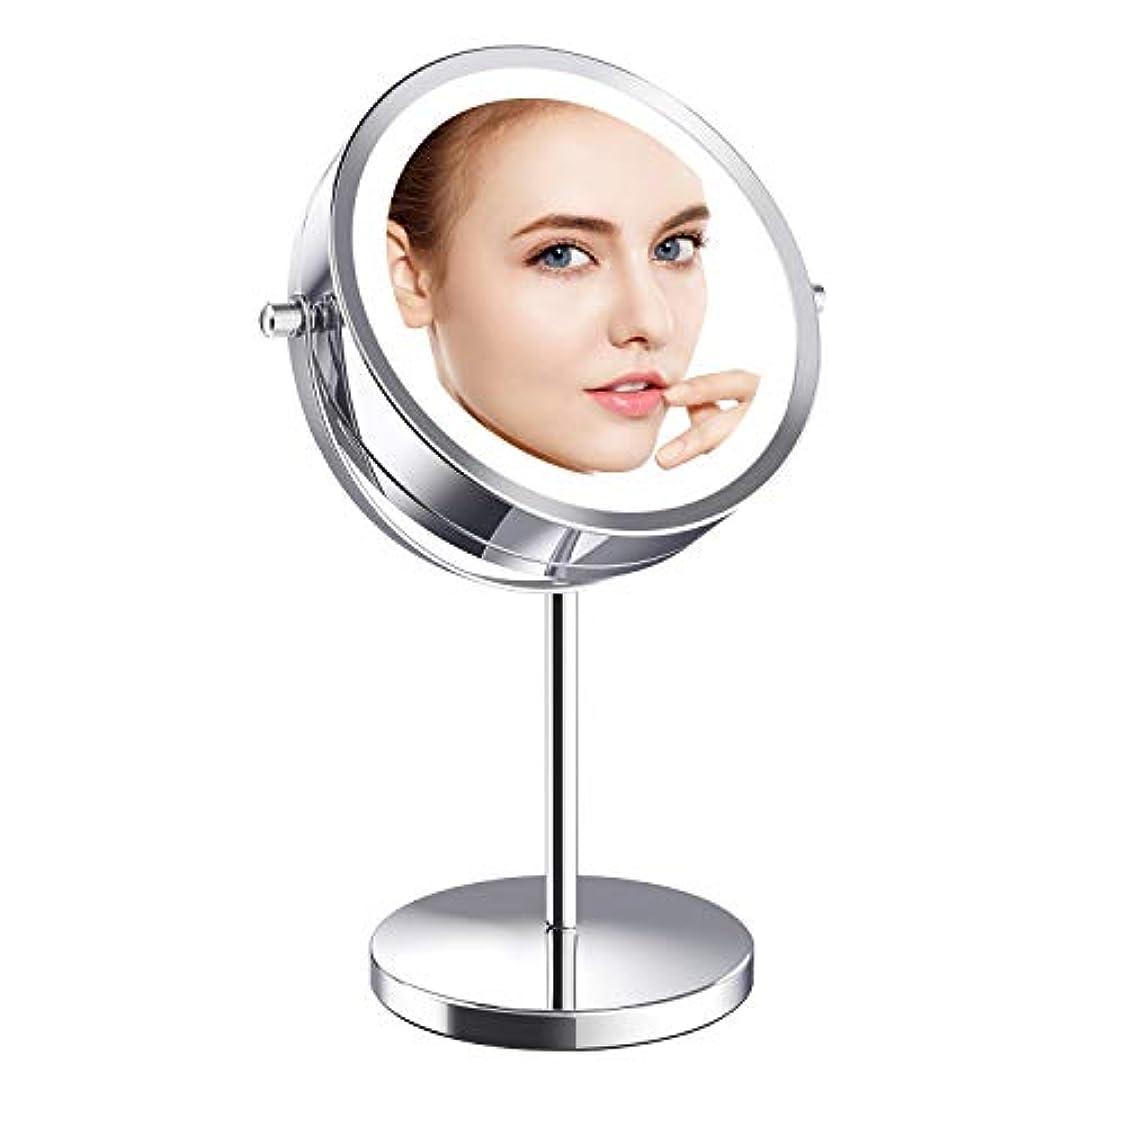 制限グラディス保険をかけるGospire 化粧鏡 10倍拡大鏡+等倍鏡 LED卓上化粧鏡 メイクミラー 両面型 360度回転式 日本語説明書付き ライティングミラー プレゼント